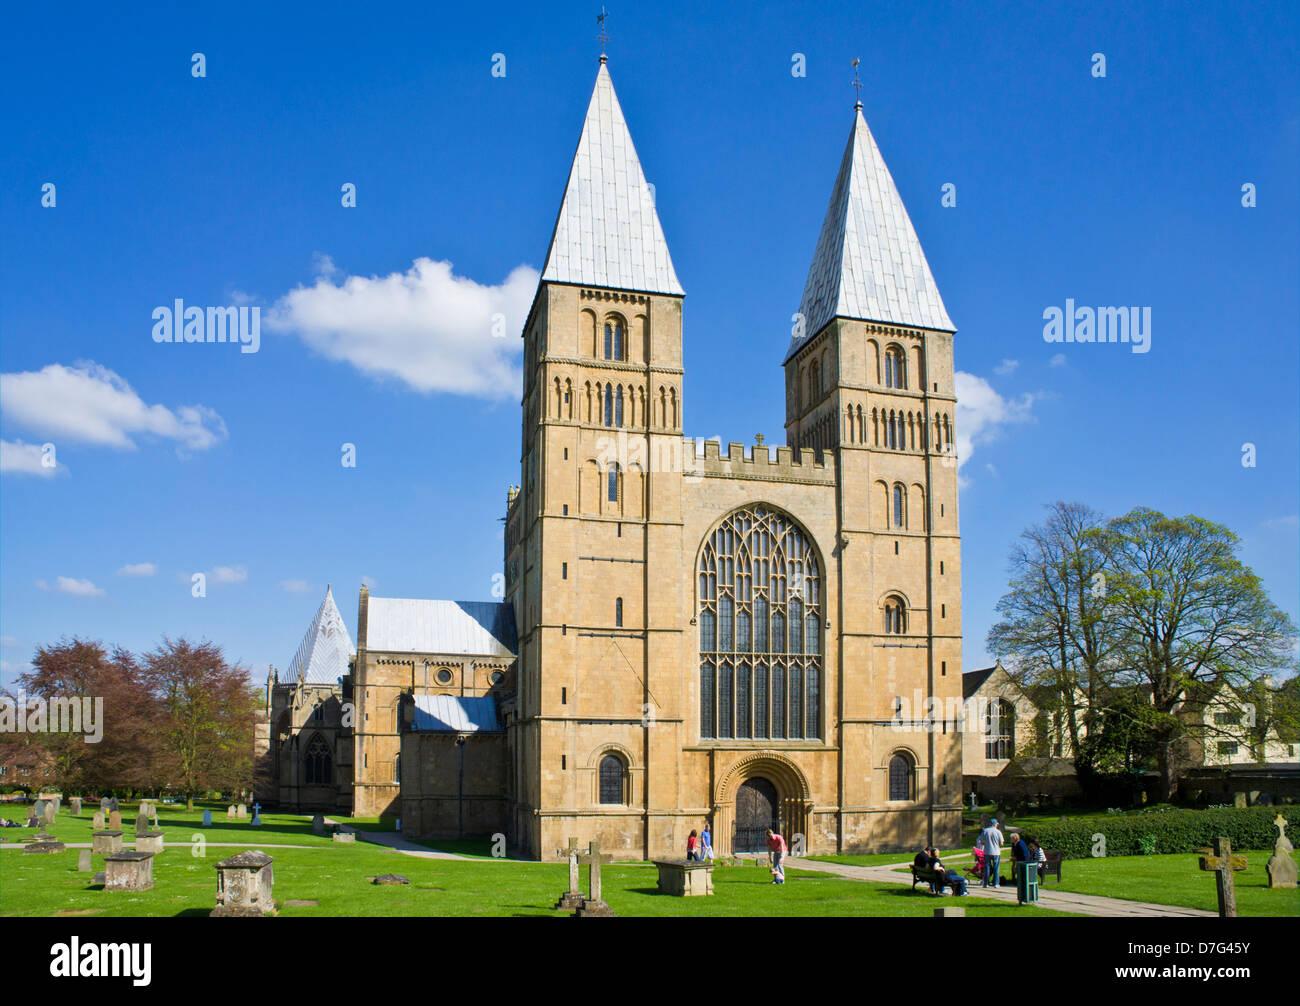 Southwell Minster Southwell Nottinghamshire England UK GB EU Europe - Stock Image